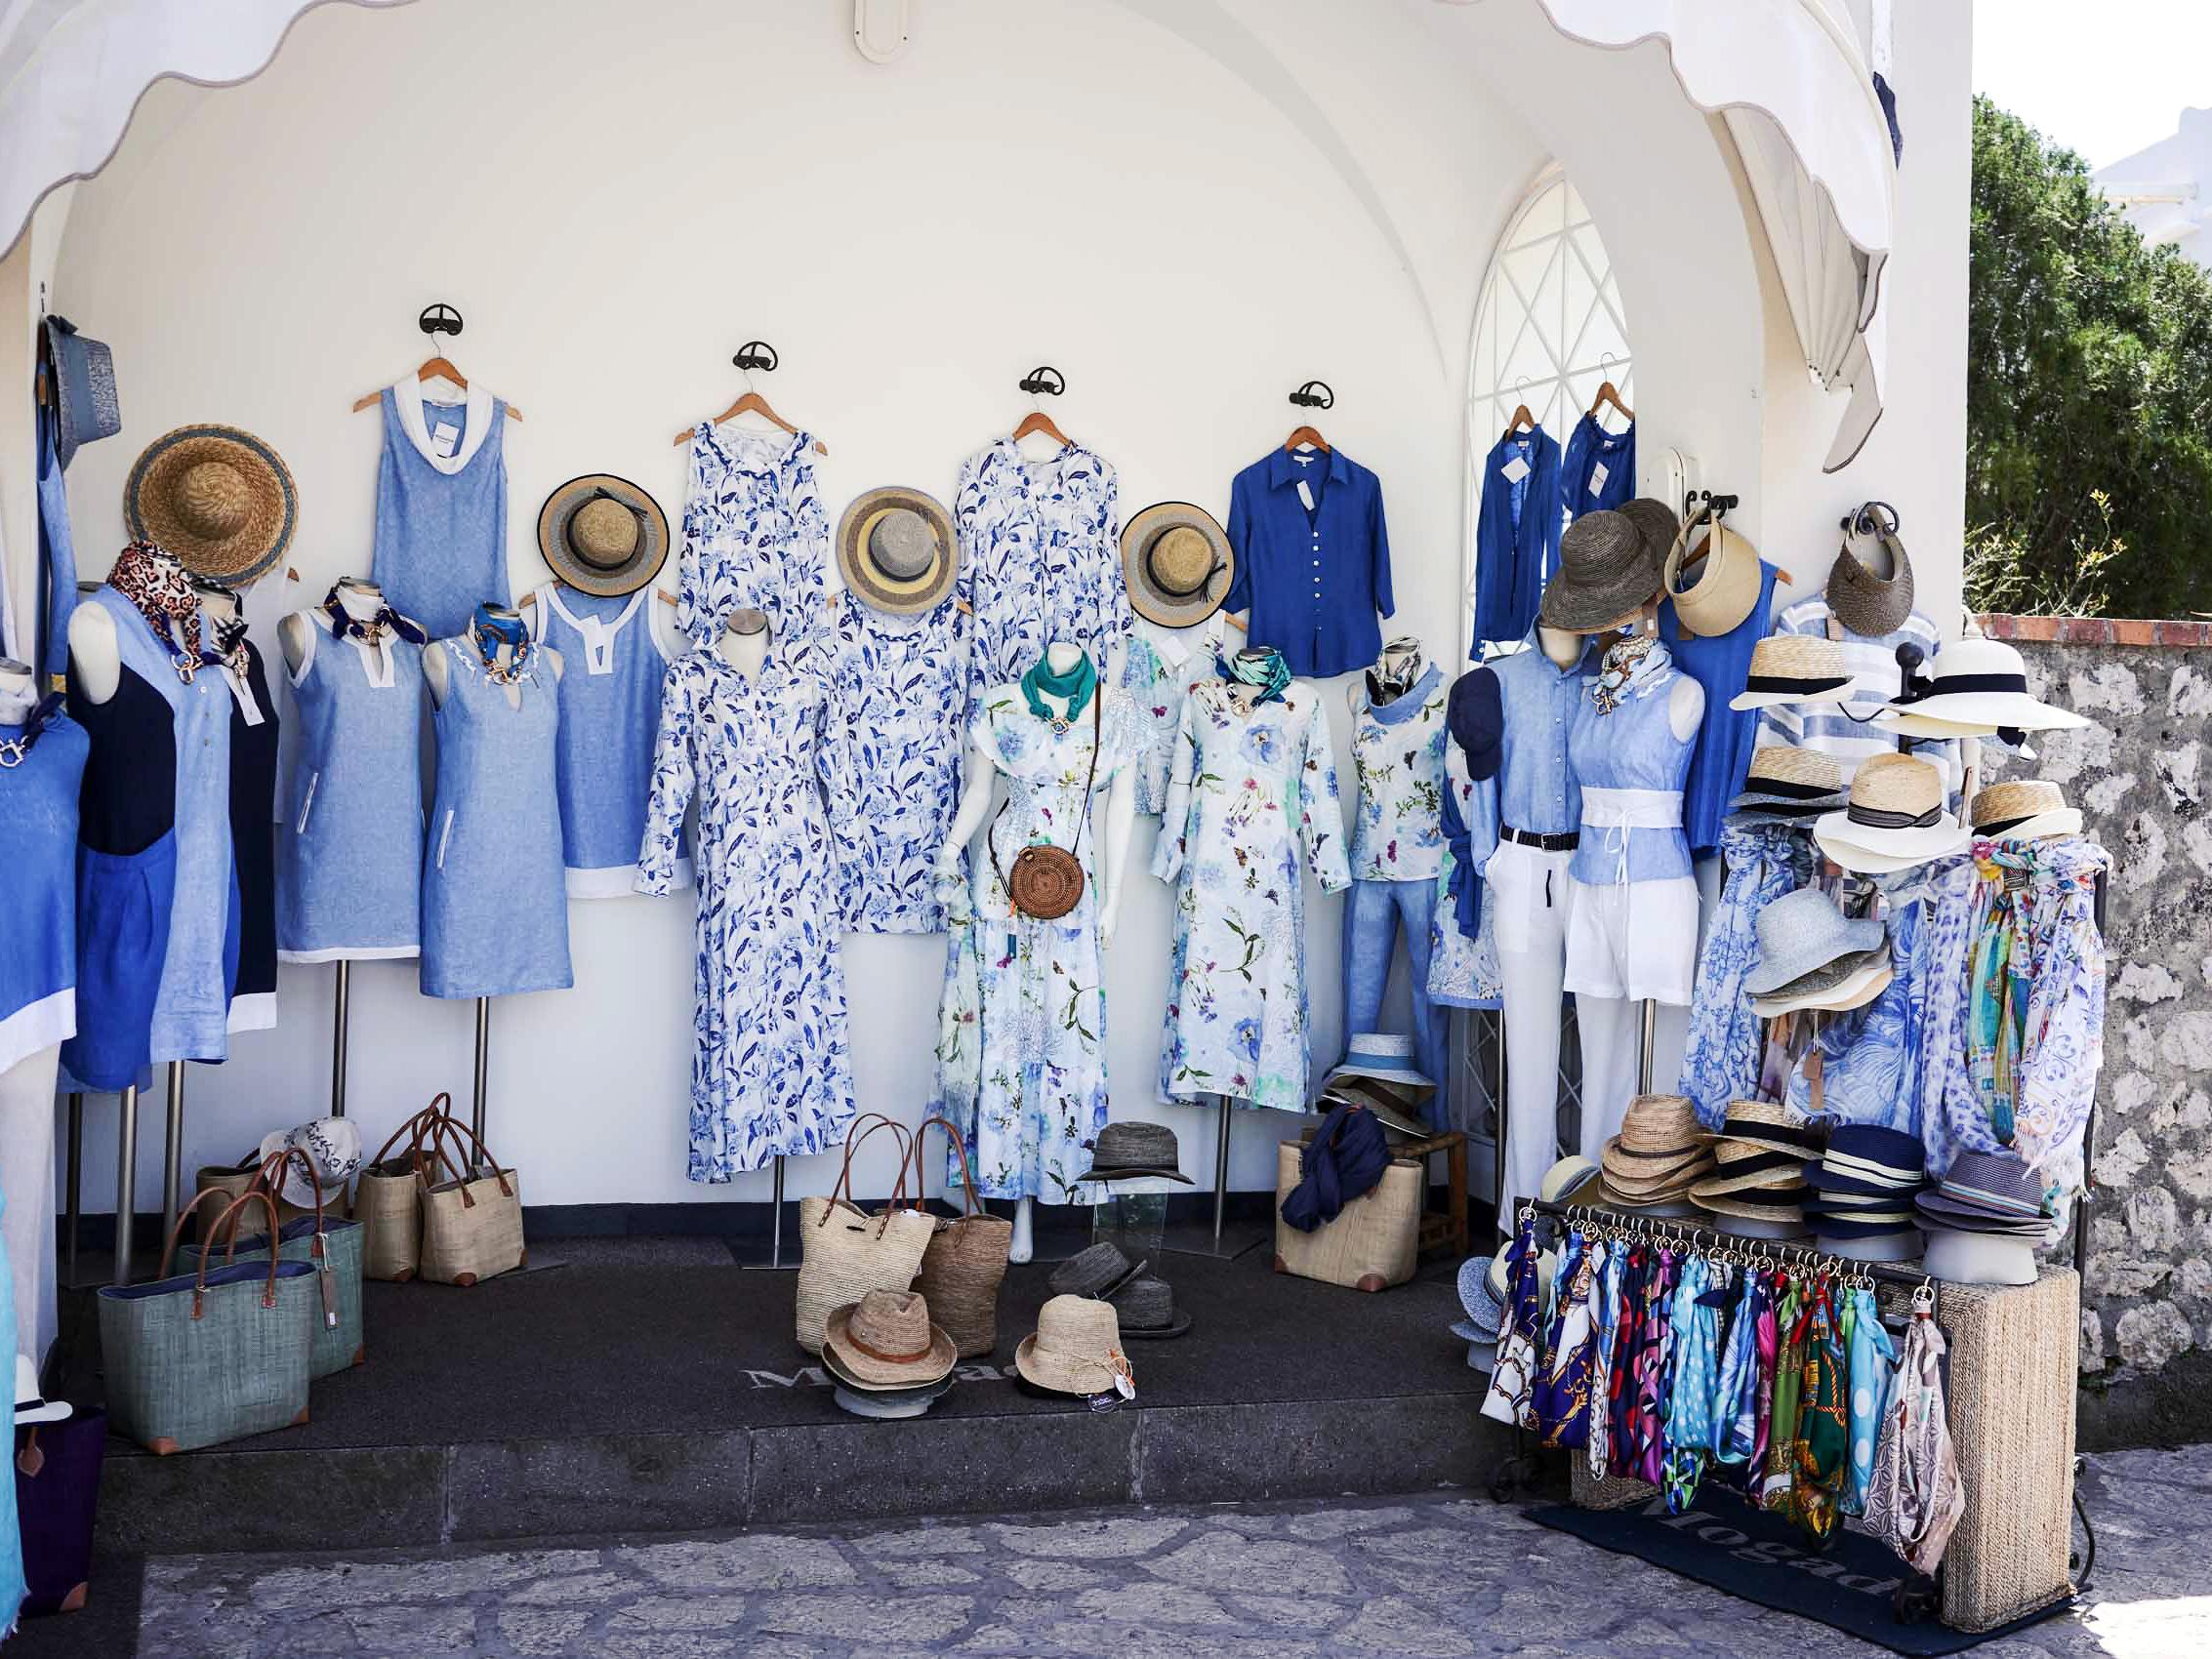 Joku Caprin monesta liehuvia asioita myyvästä kaupasta. Huhtikuu 2019.